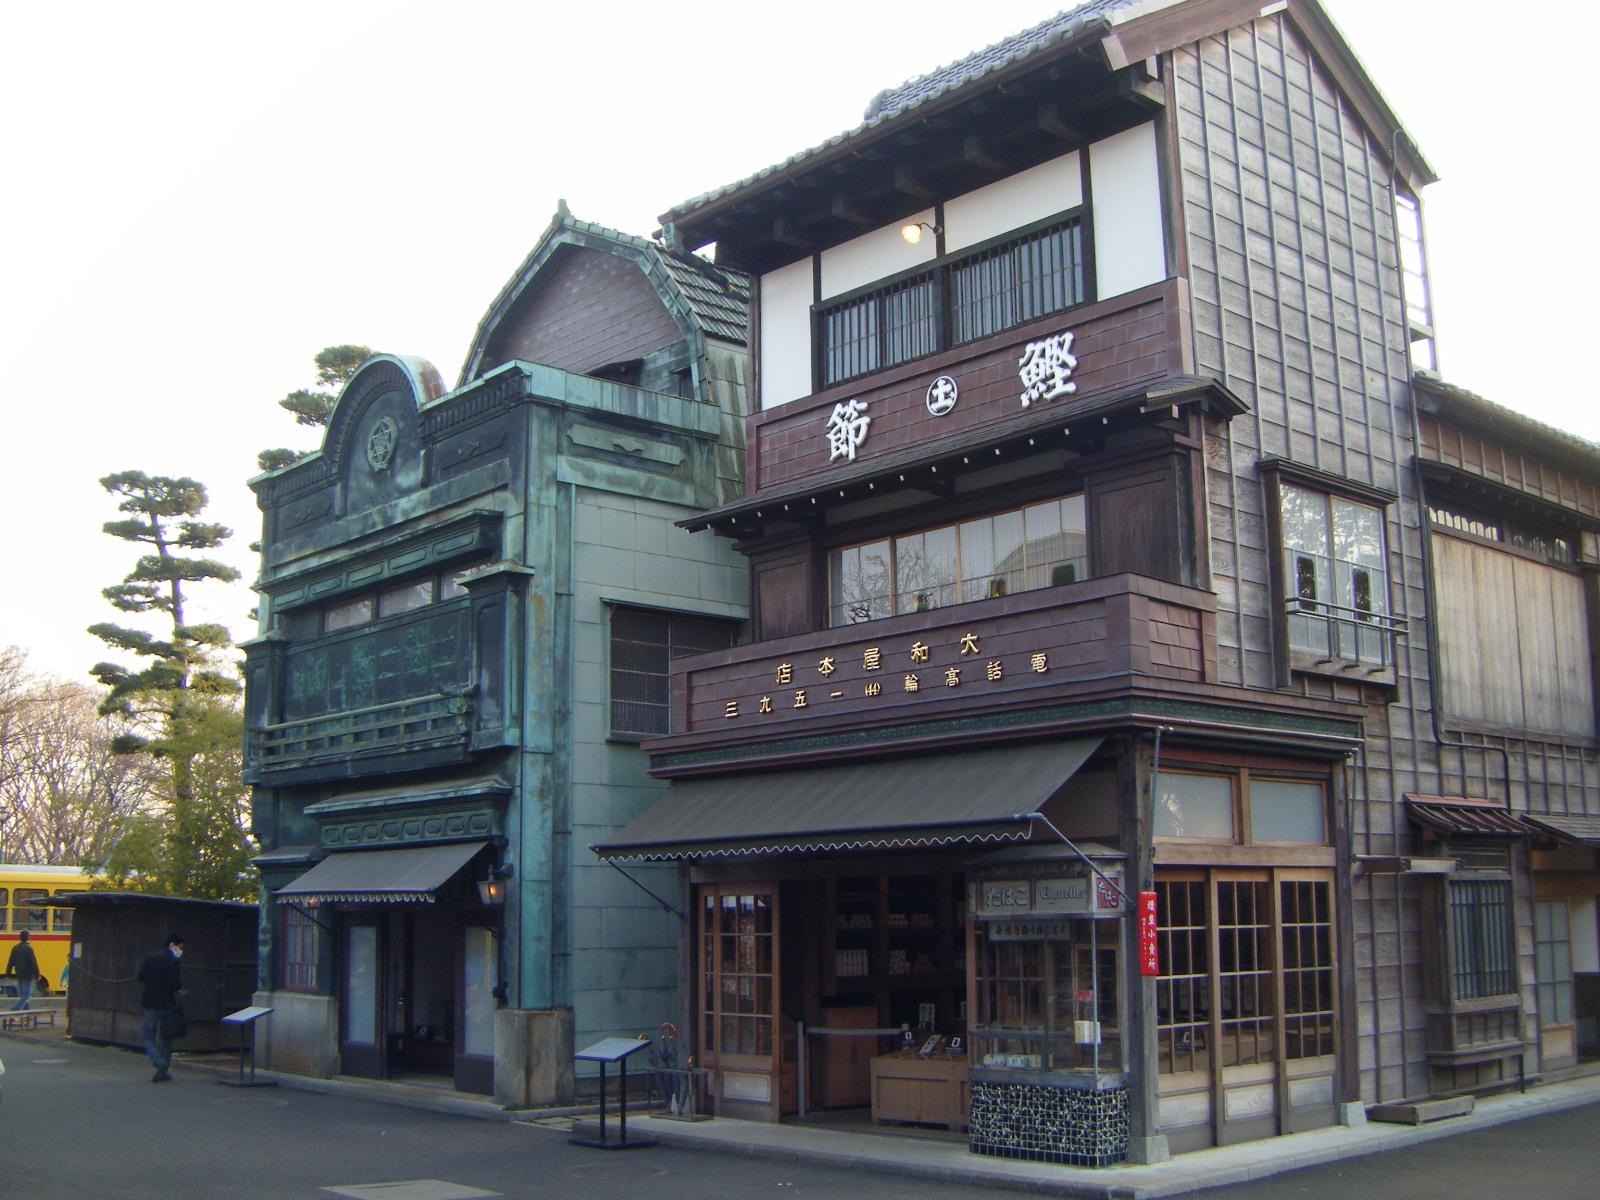 【江戸東京たてもの園】 今と昔の建物がいっぱい♪ 東京都小金井市 画像まとめ